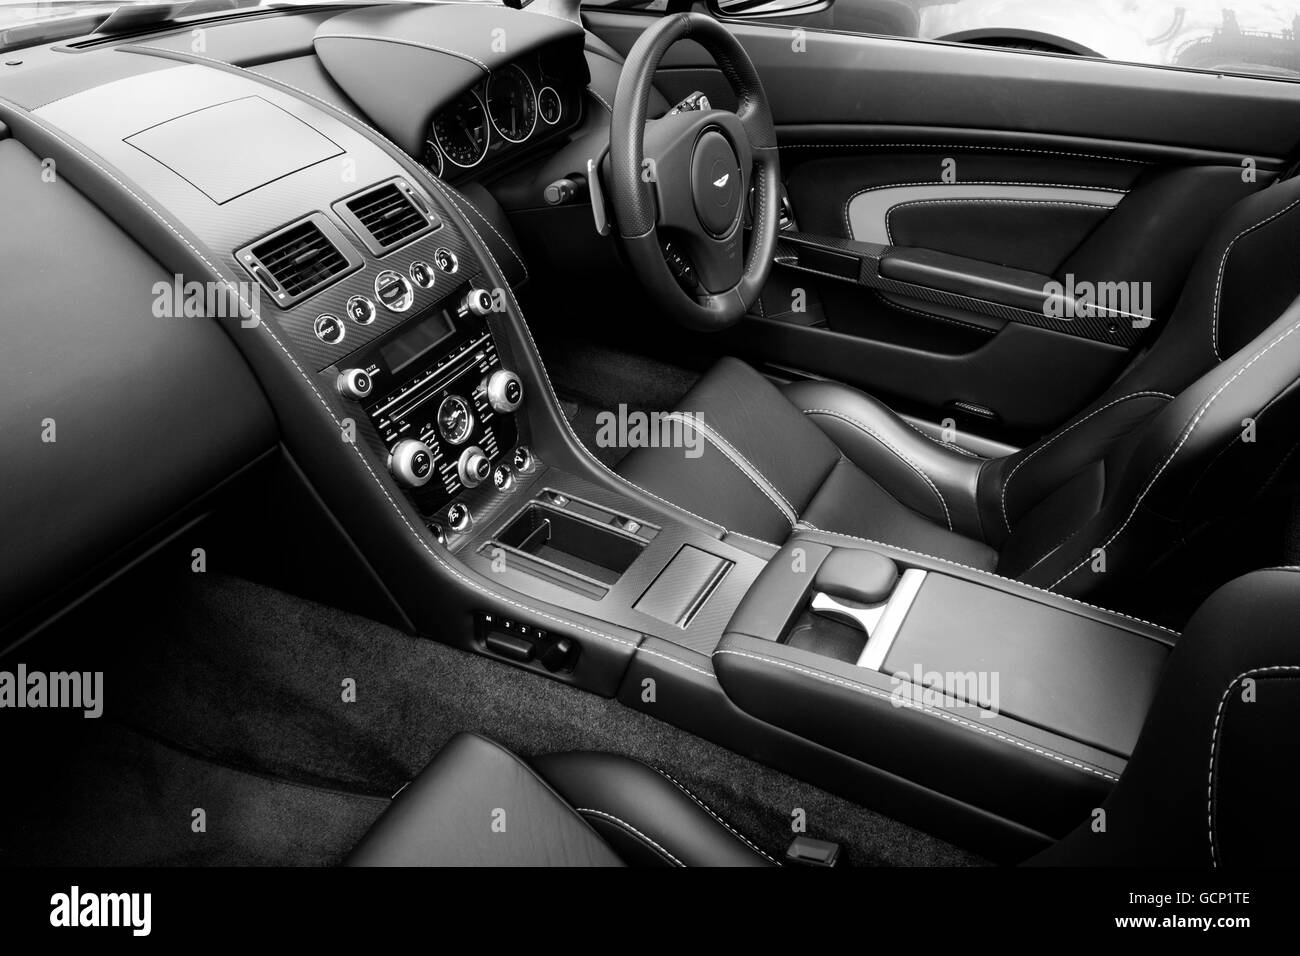 Bentley Interior In Black White Stock Photo Alamy